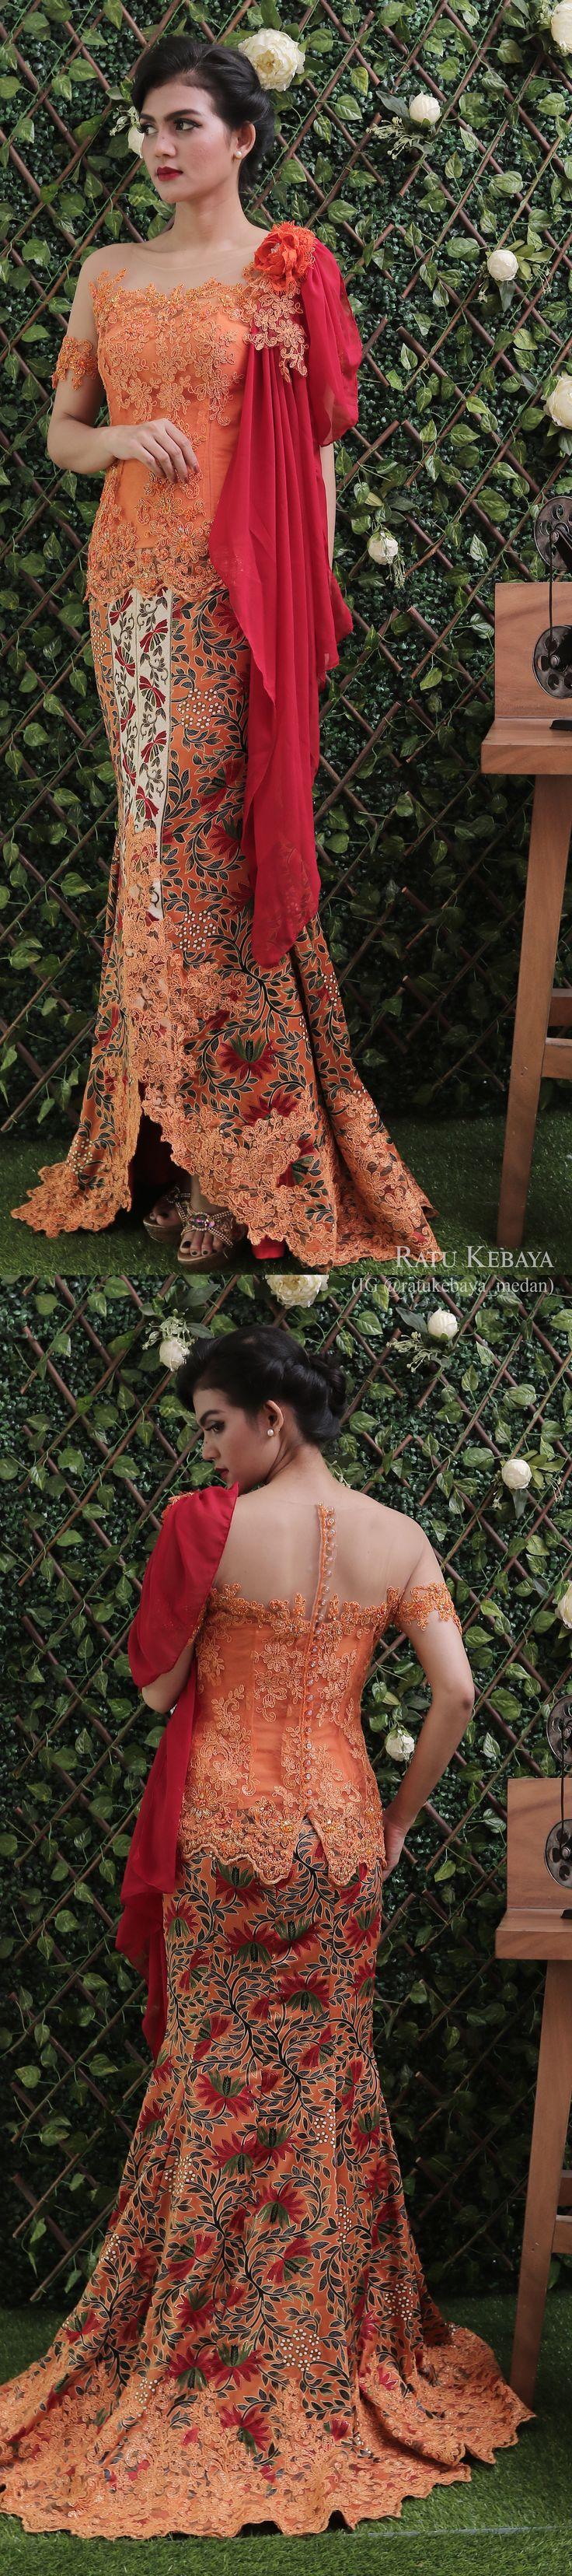 Kebaya orange dengan aplikasi bunga bahu dan rok batik bordir (IG @ratukebaya_medan)